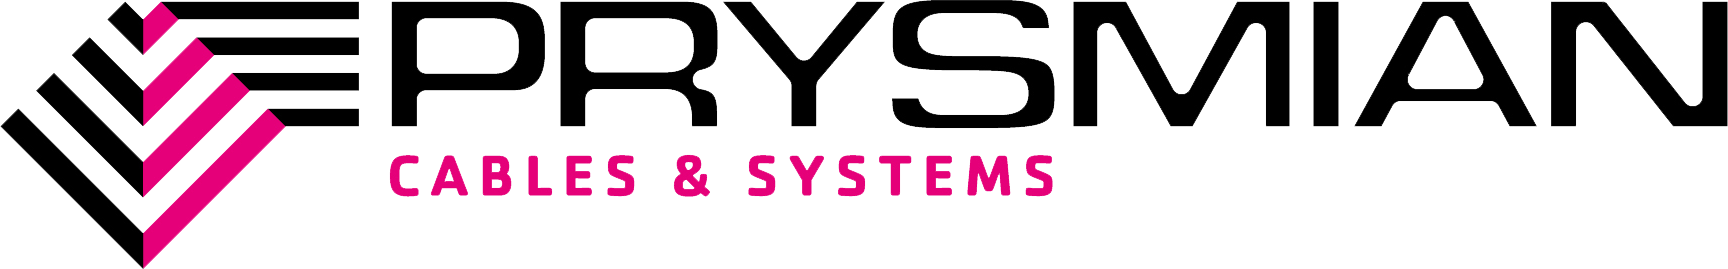 prysmian kablo logo.png